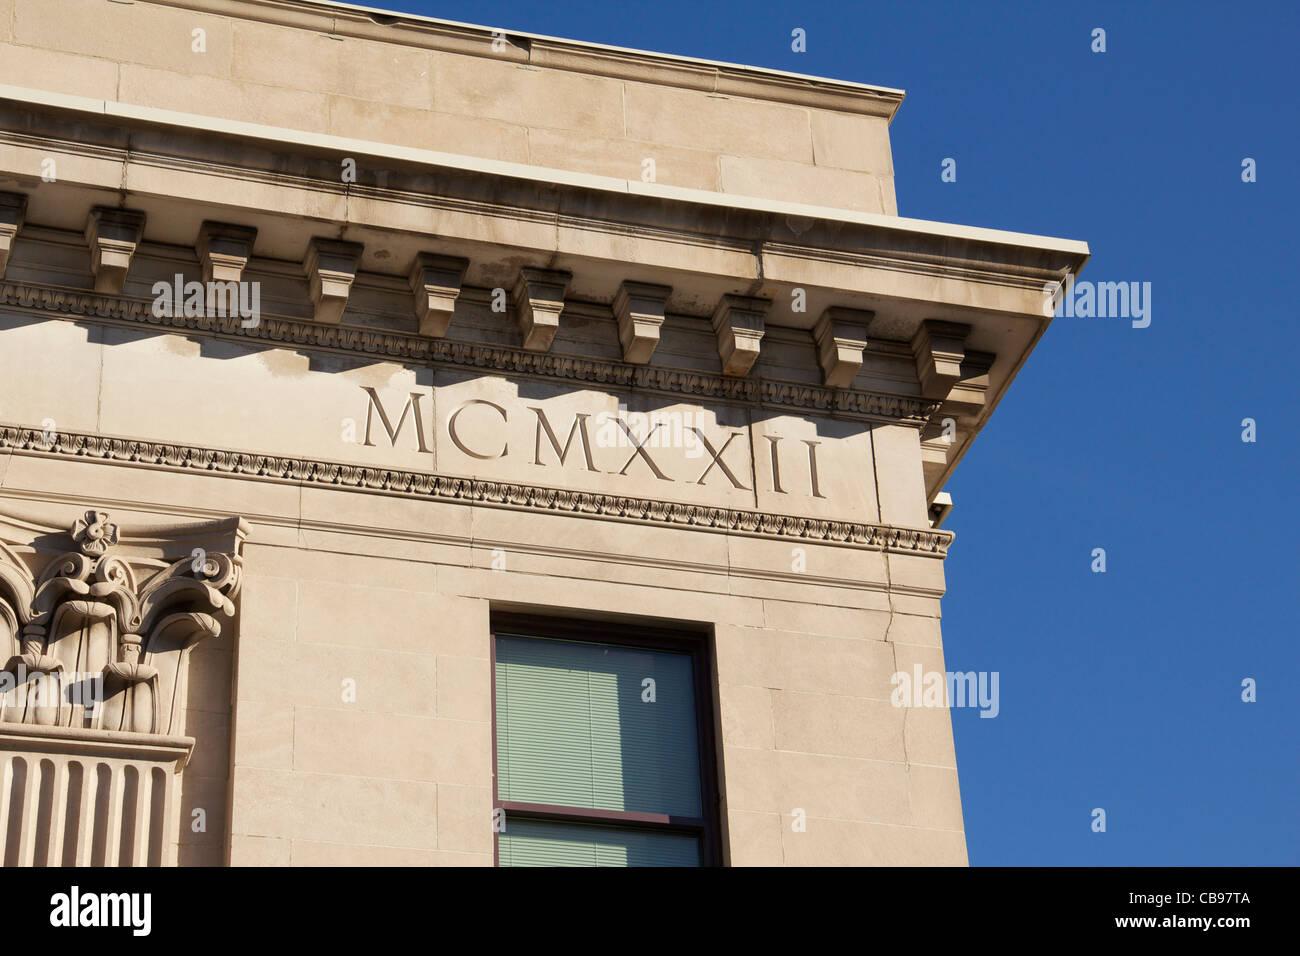 Edificio Construido En 1922 Con Números Romanos Mcmxxii Esculpidos